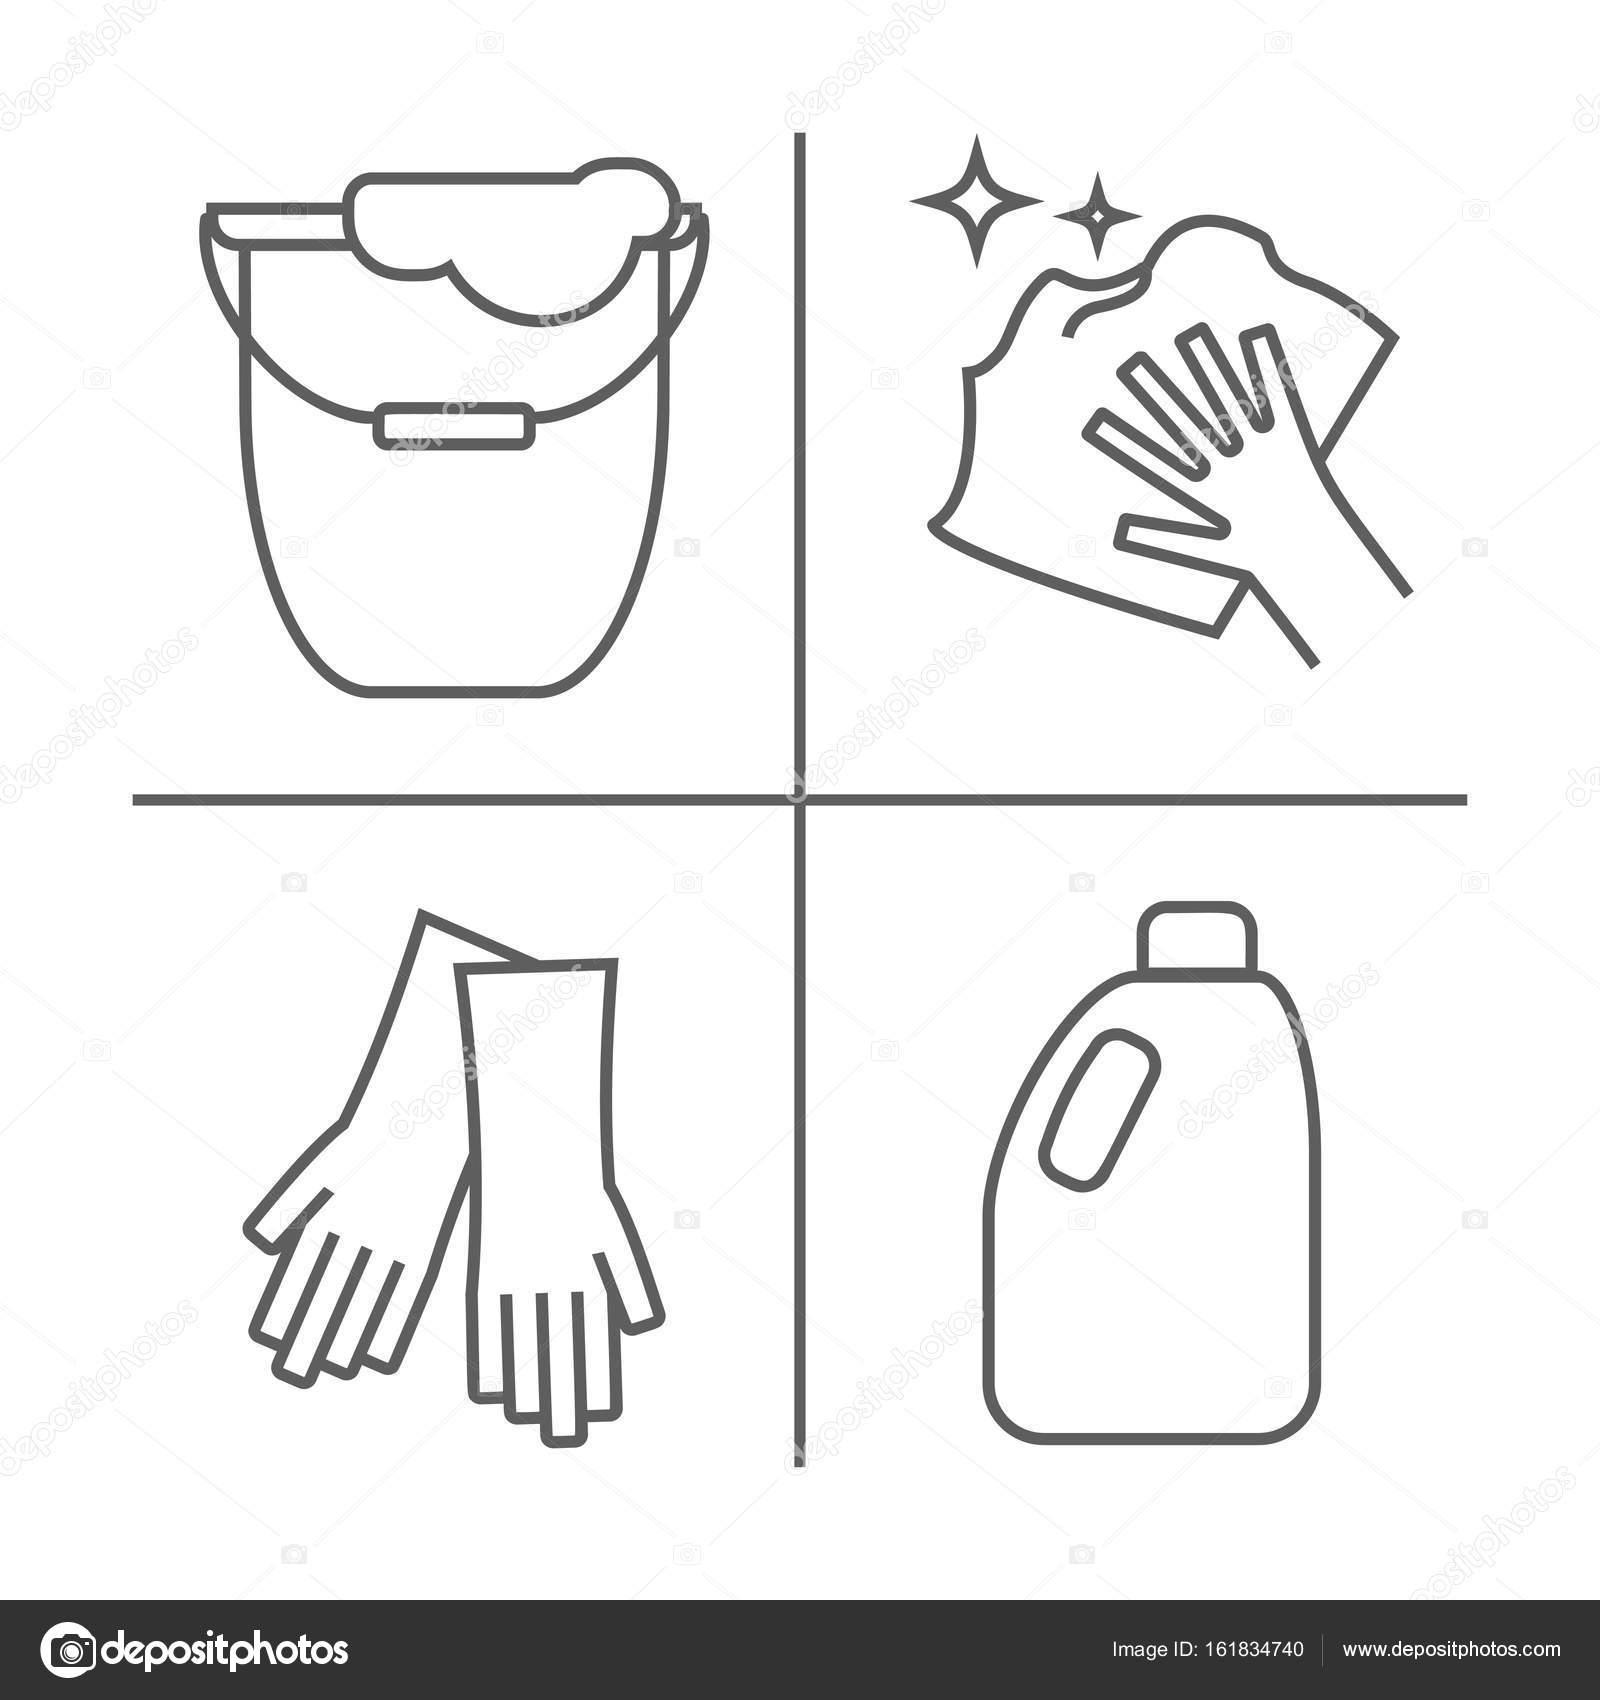 Imágenes Plancha Para Colorear Limpiar Lavar Los Iconos